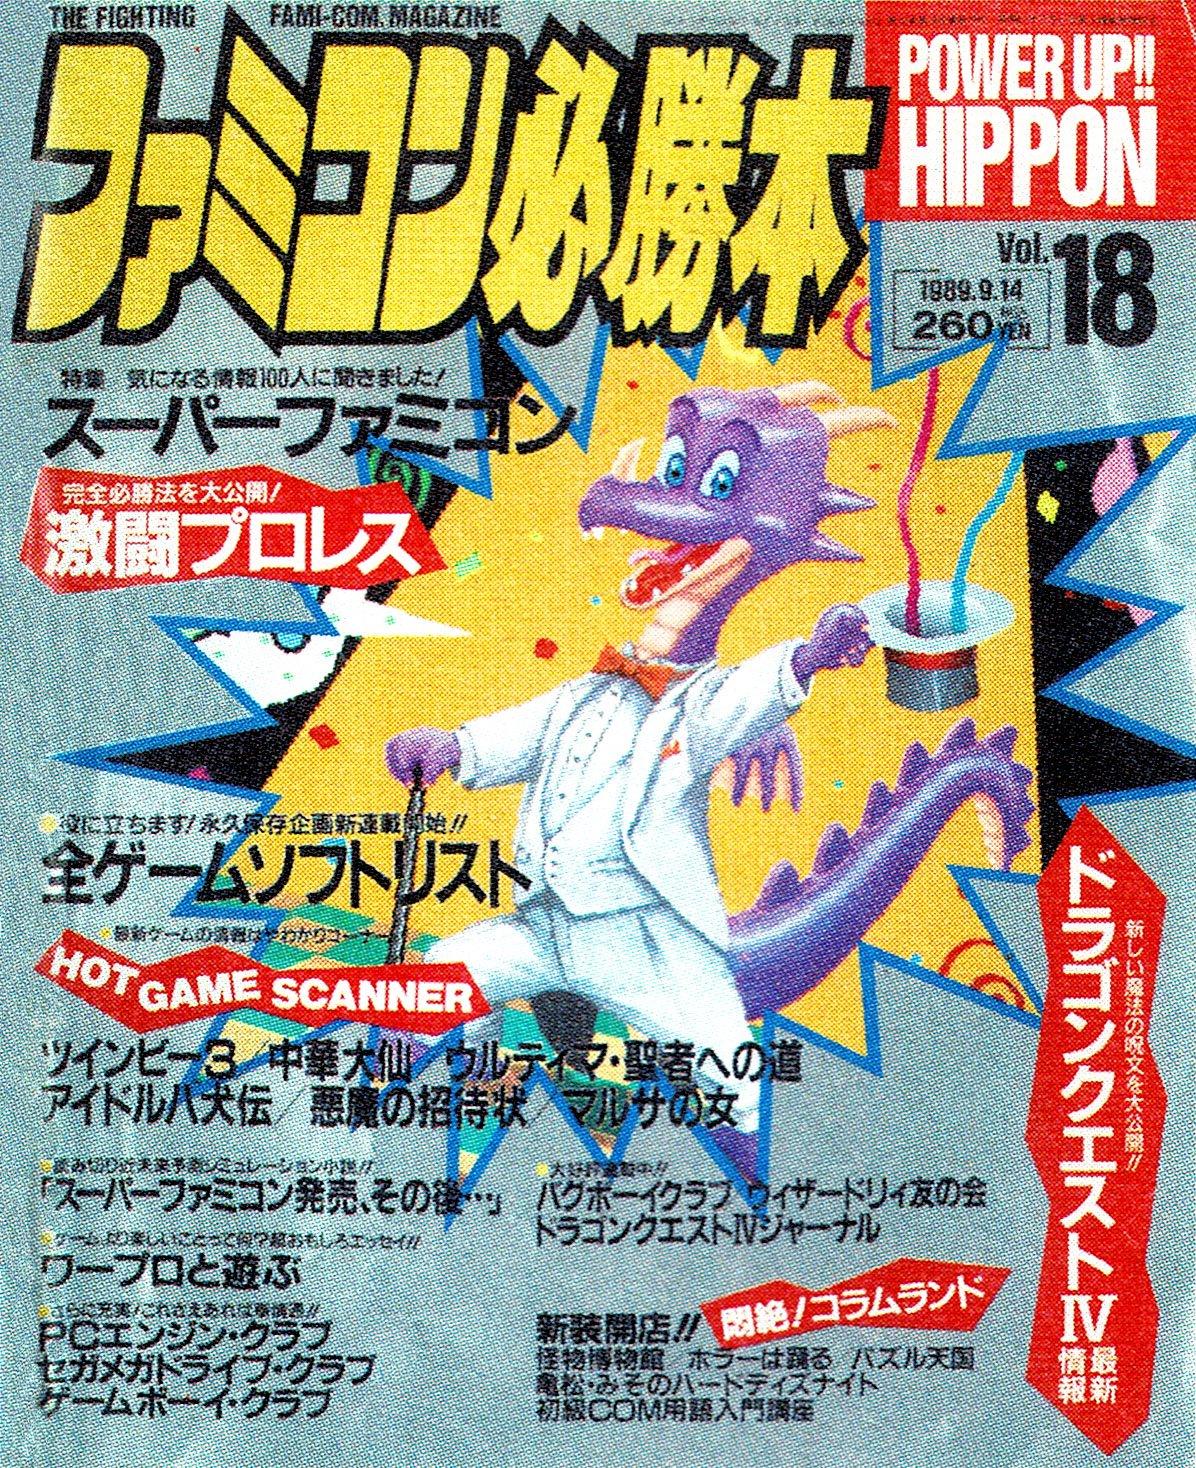 Famicom Hisshoubon Issue 079 (September 14, 1989)